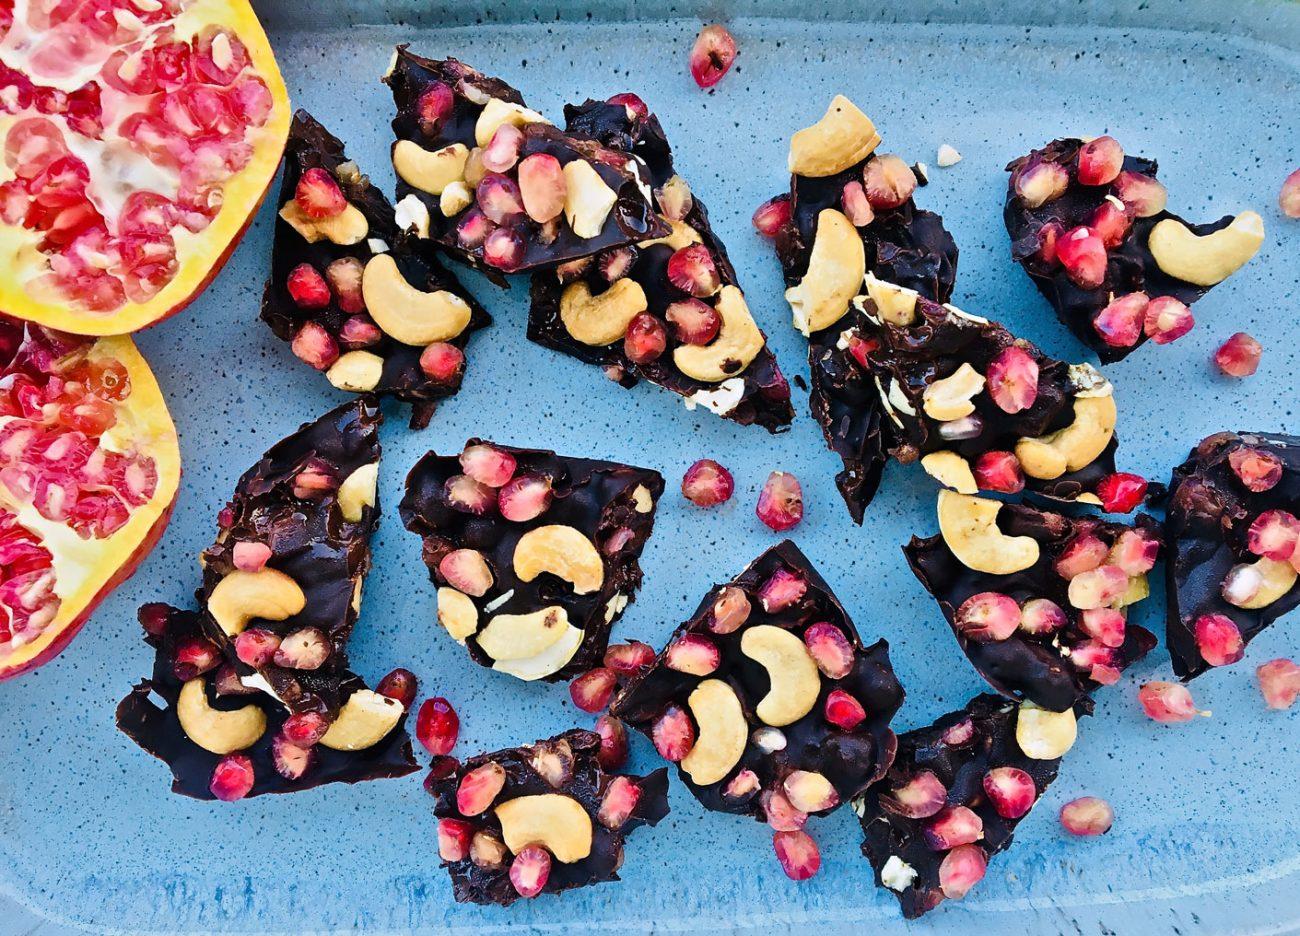 σοκολατένιες μπουκιές με ρόδι και κάσιους